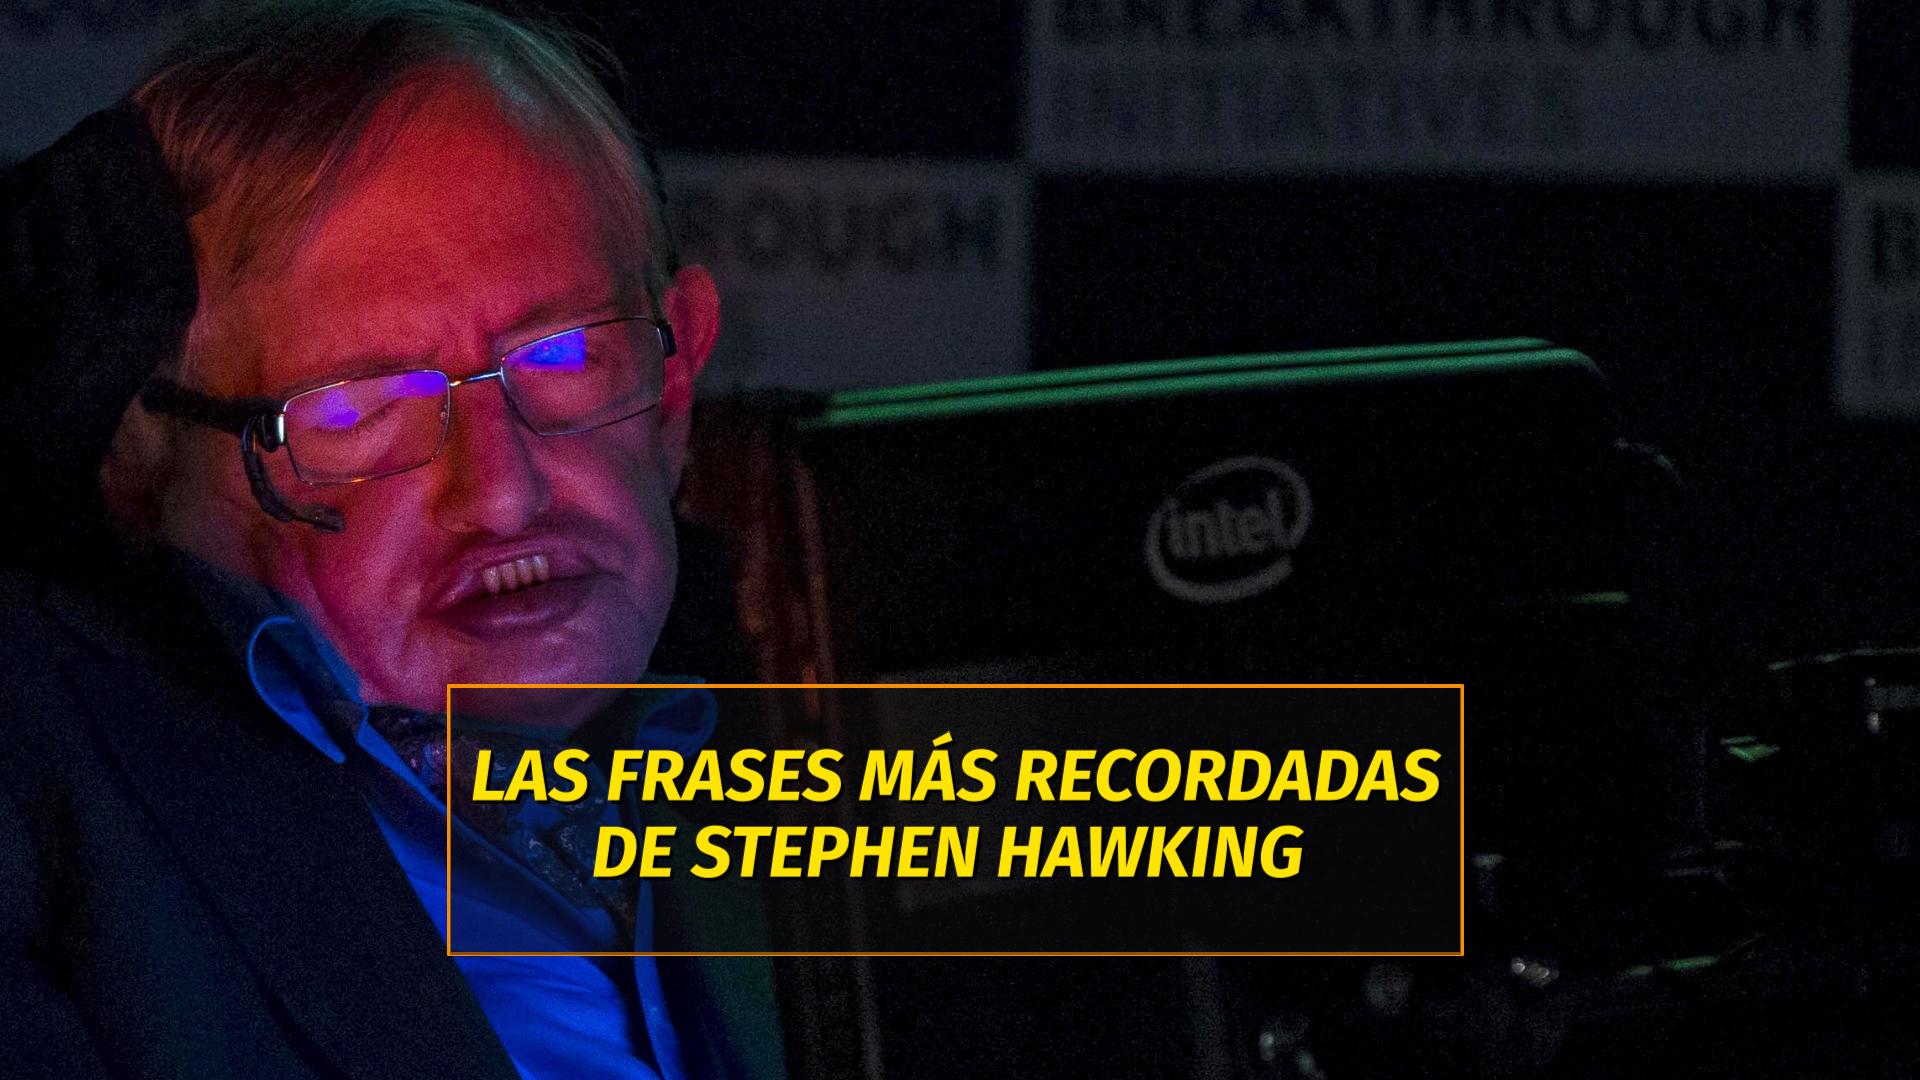 Las 27 Frases Más Recordadas De Stephen Hawking Infobae